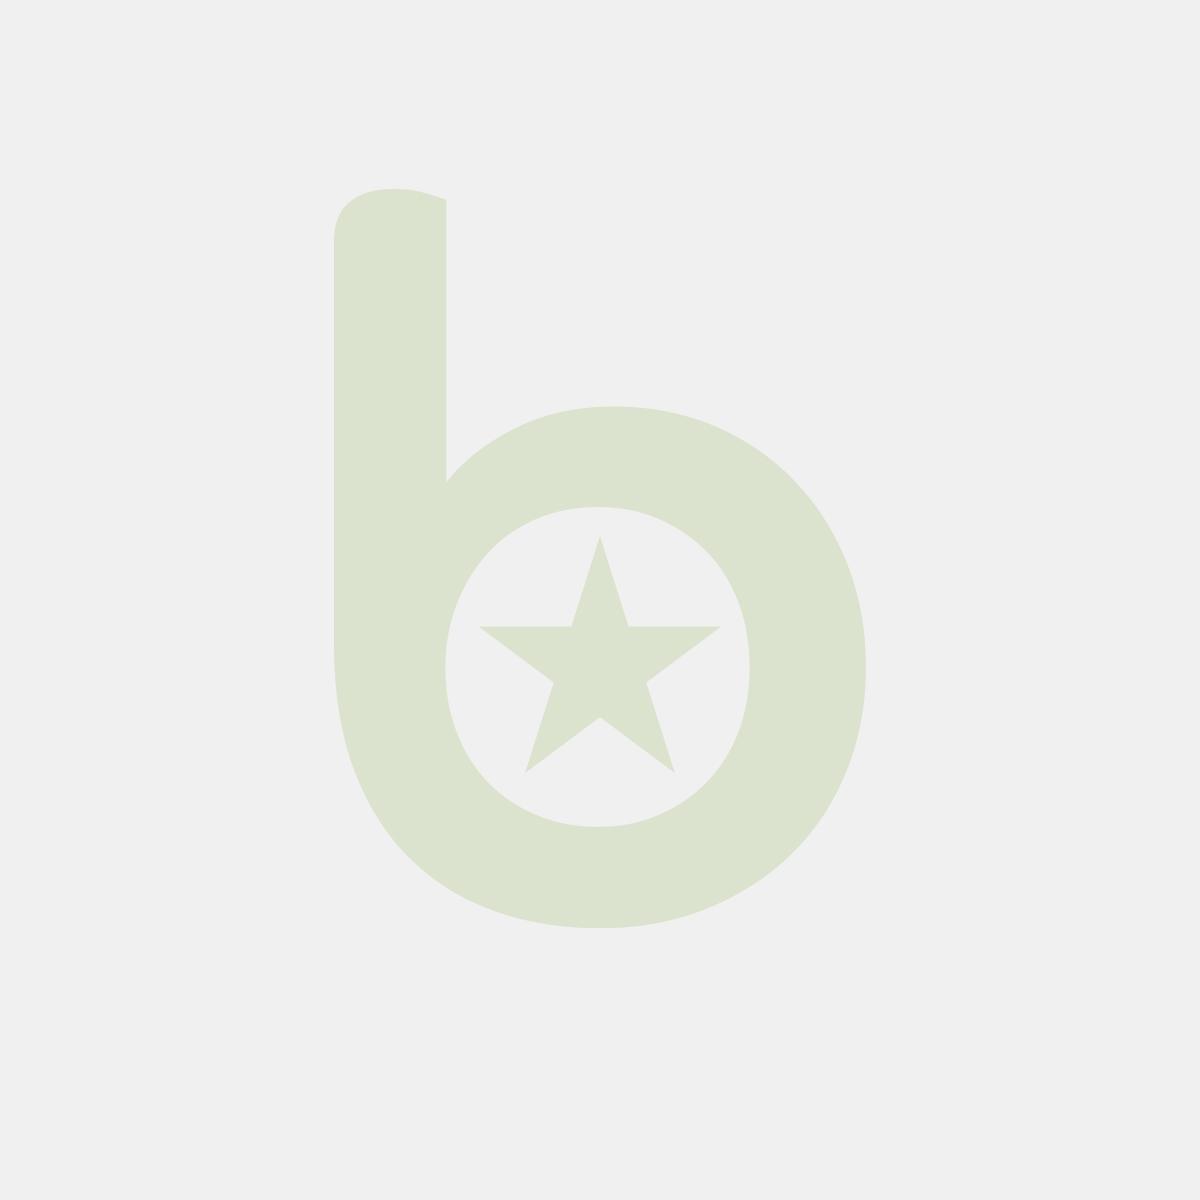 Wkład Express 735 do długopisu SCHNEIDER , B, format G2, niebieski